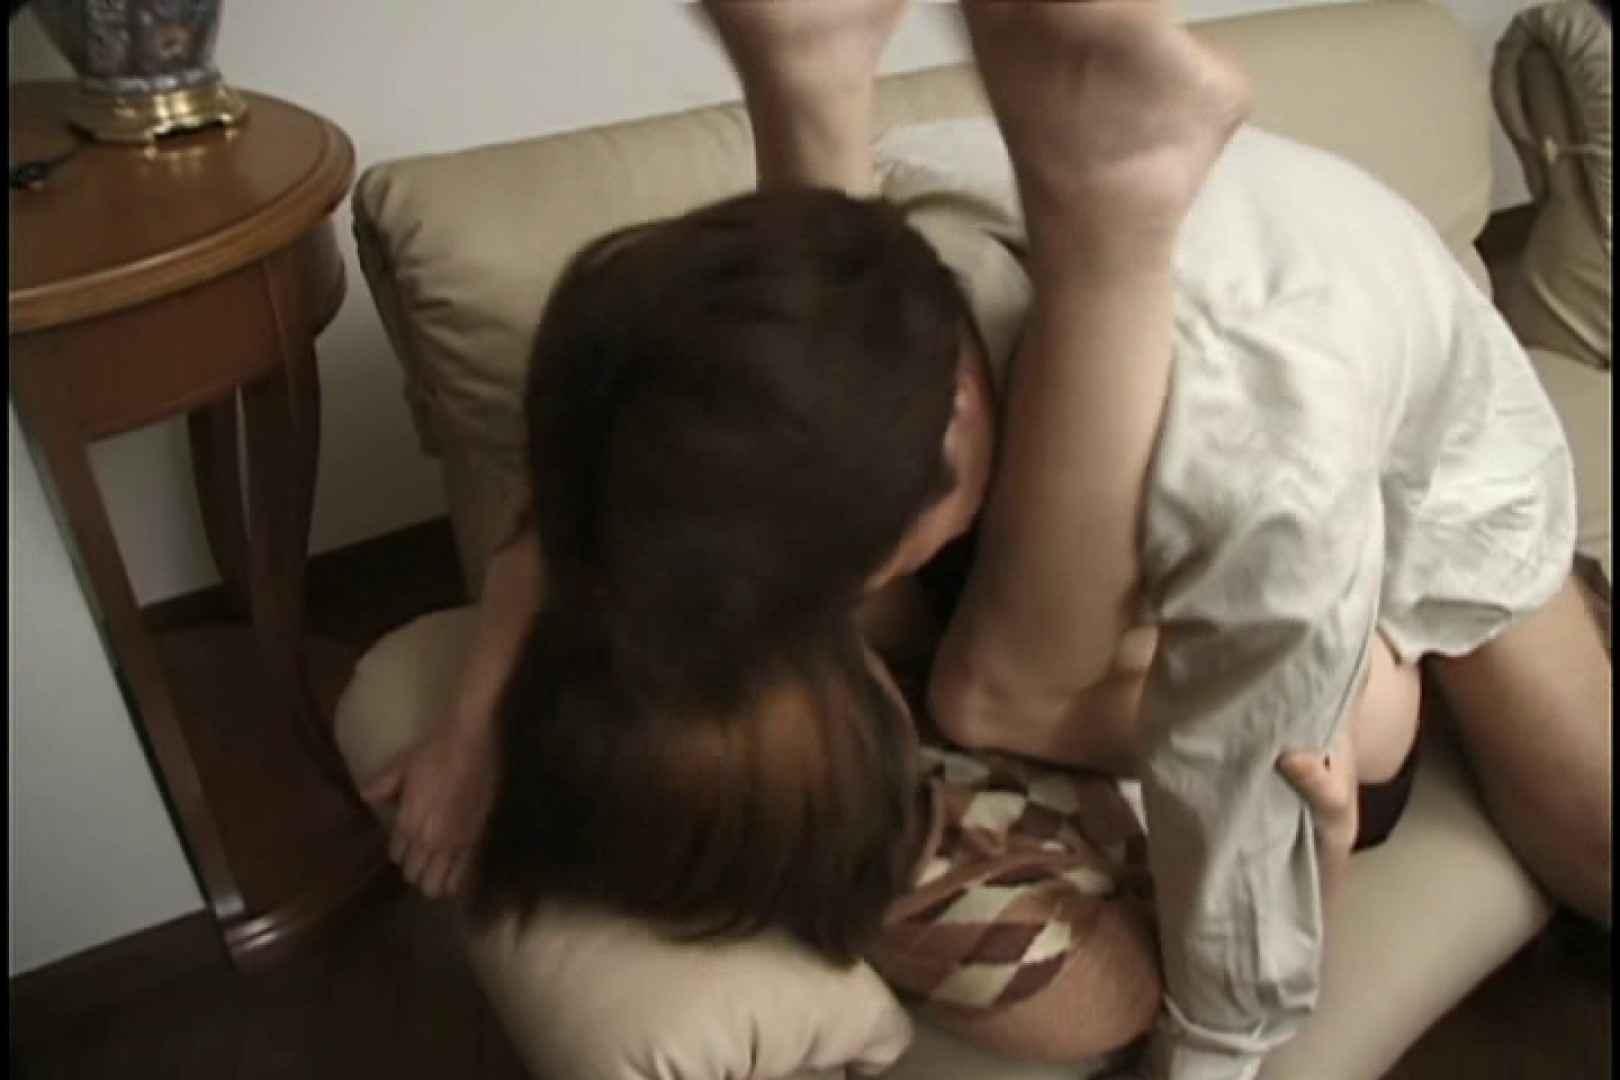 昼間の奥様は欲求不満 ~石川麻紀~ 熟女 | マンコ特集  65連発 25